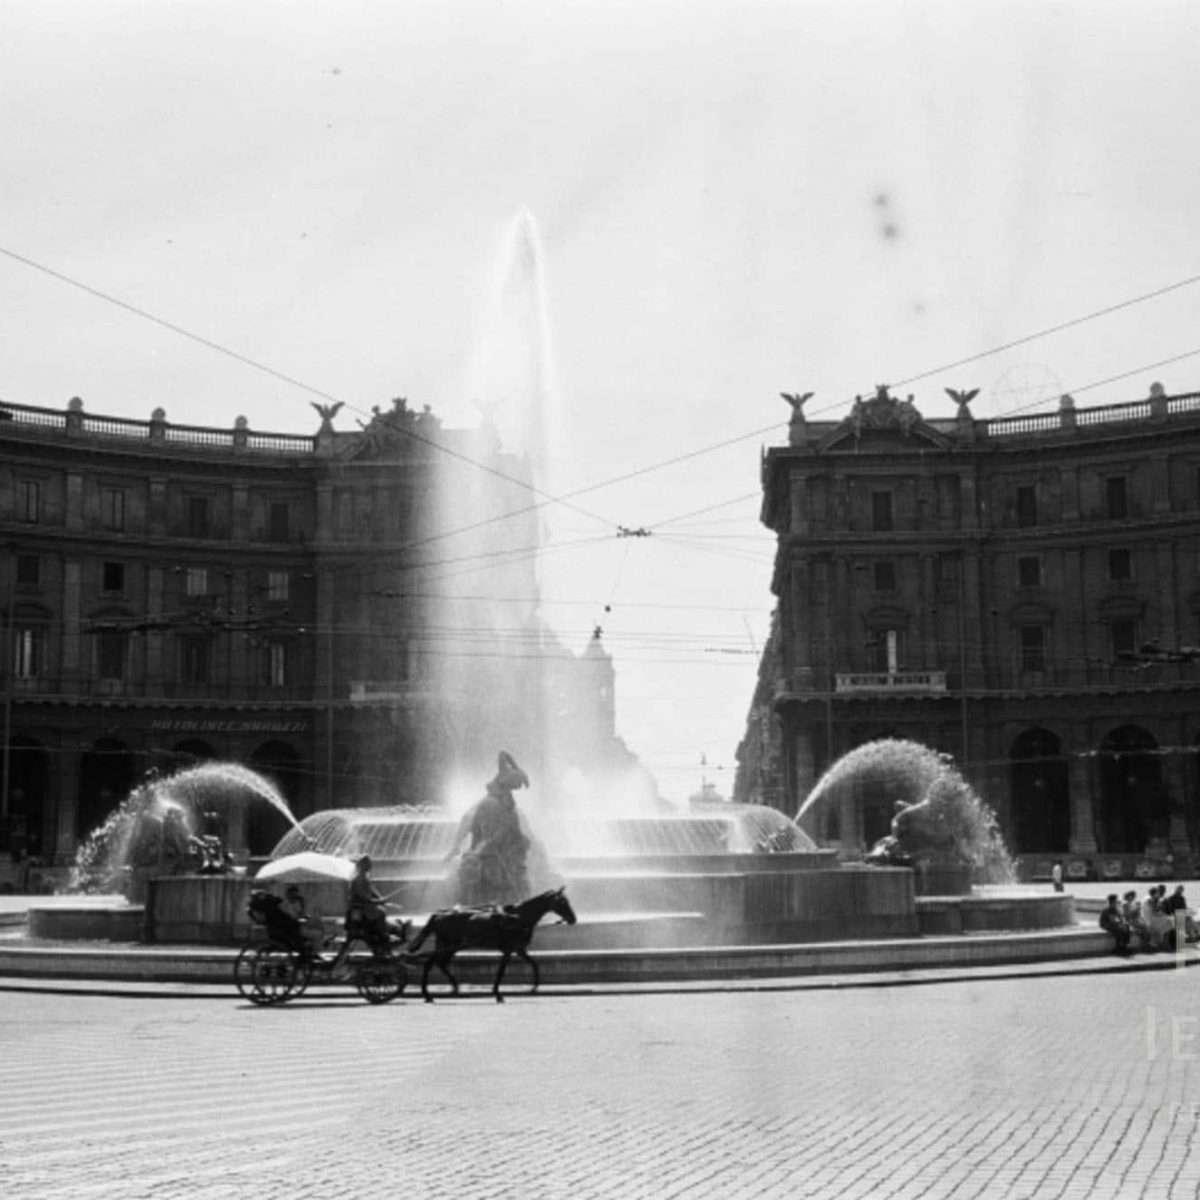 Piazza della Repubblica (Piazza Esedra)